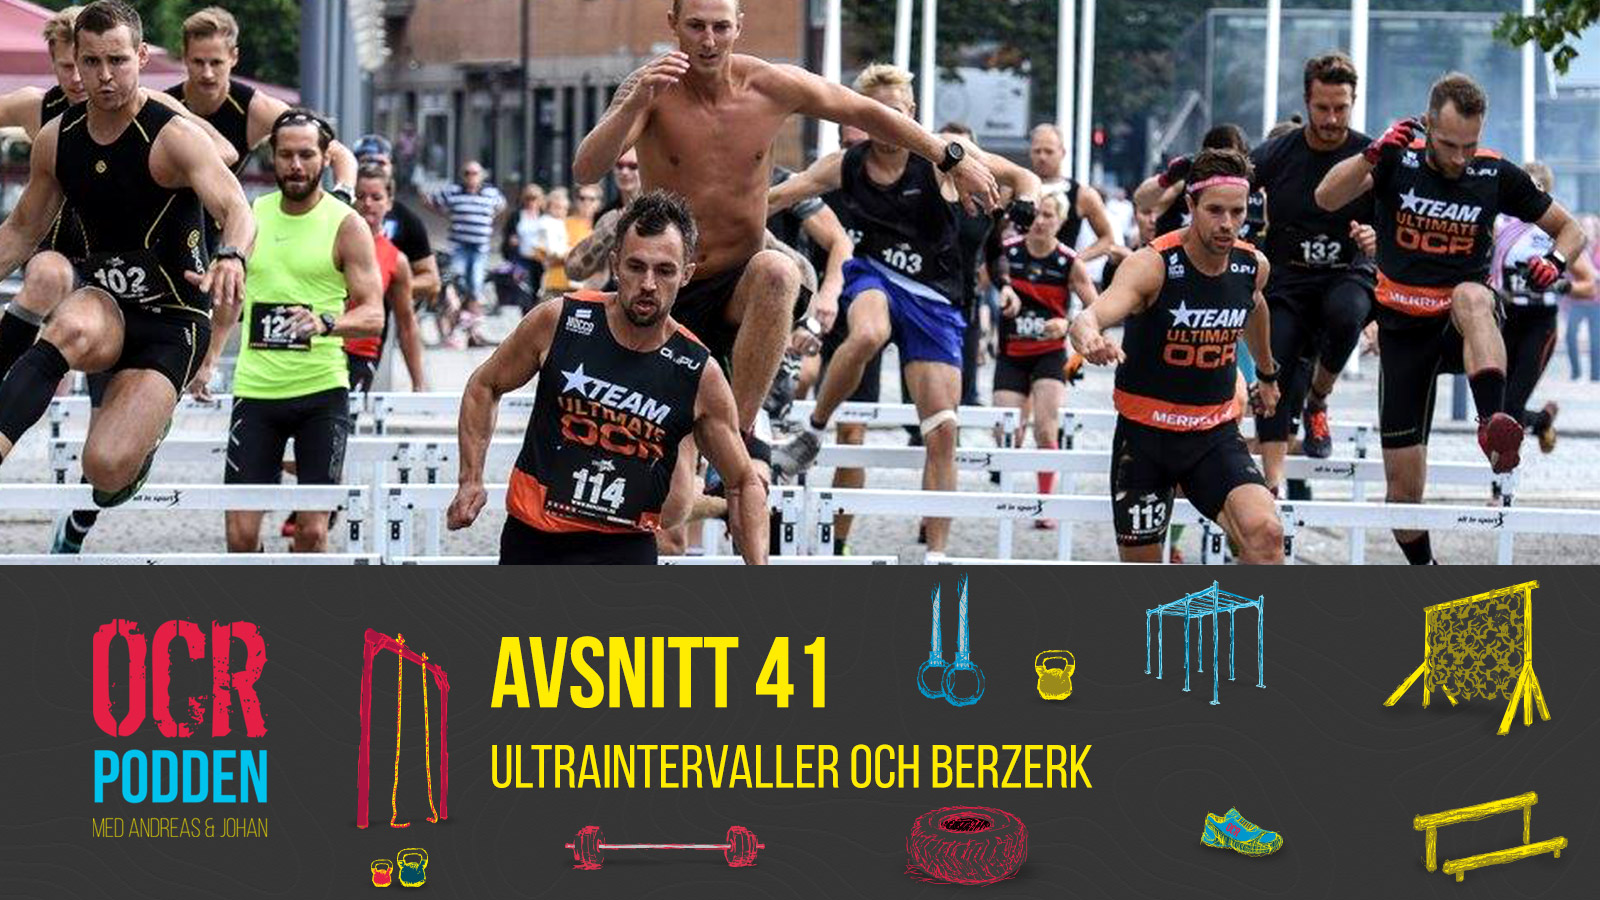 41 – Ultraintervaller och Berzerk